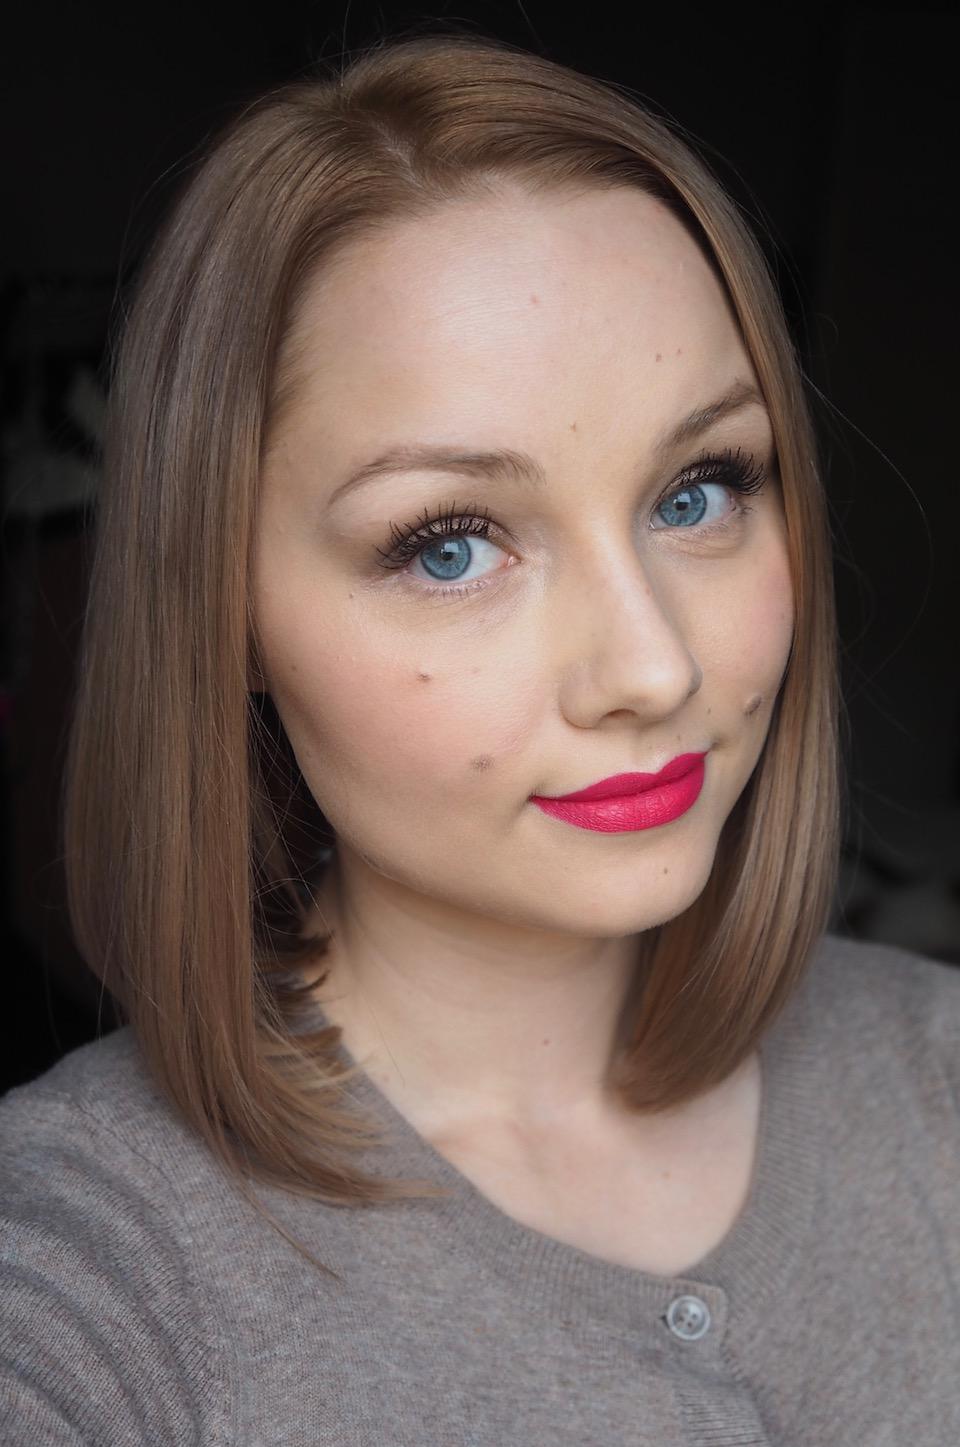 Uudet hiukset, vaan ei vakikampaajalta – miten kävi?